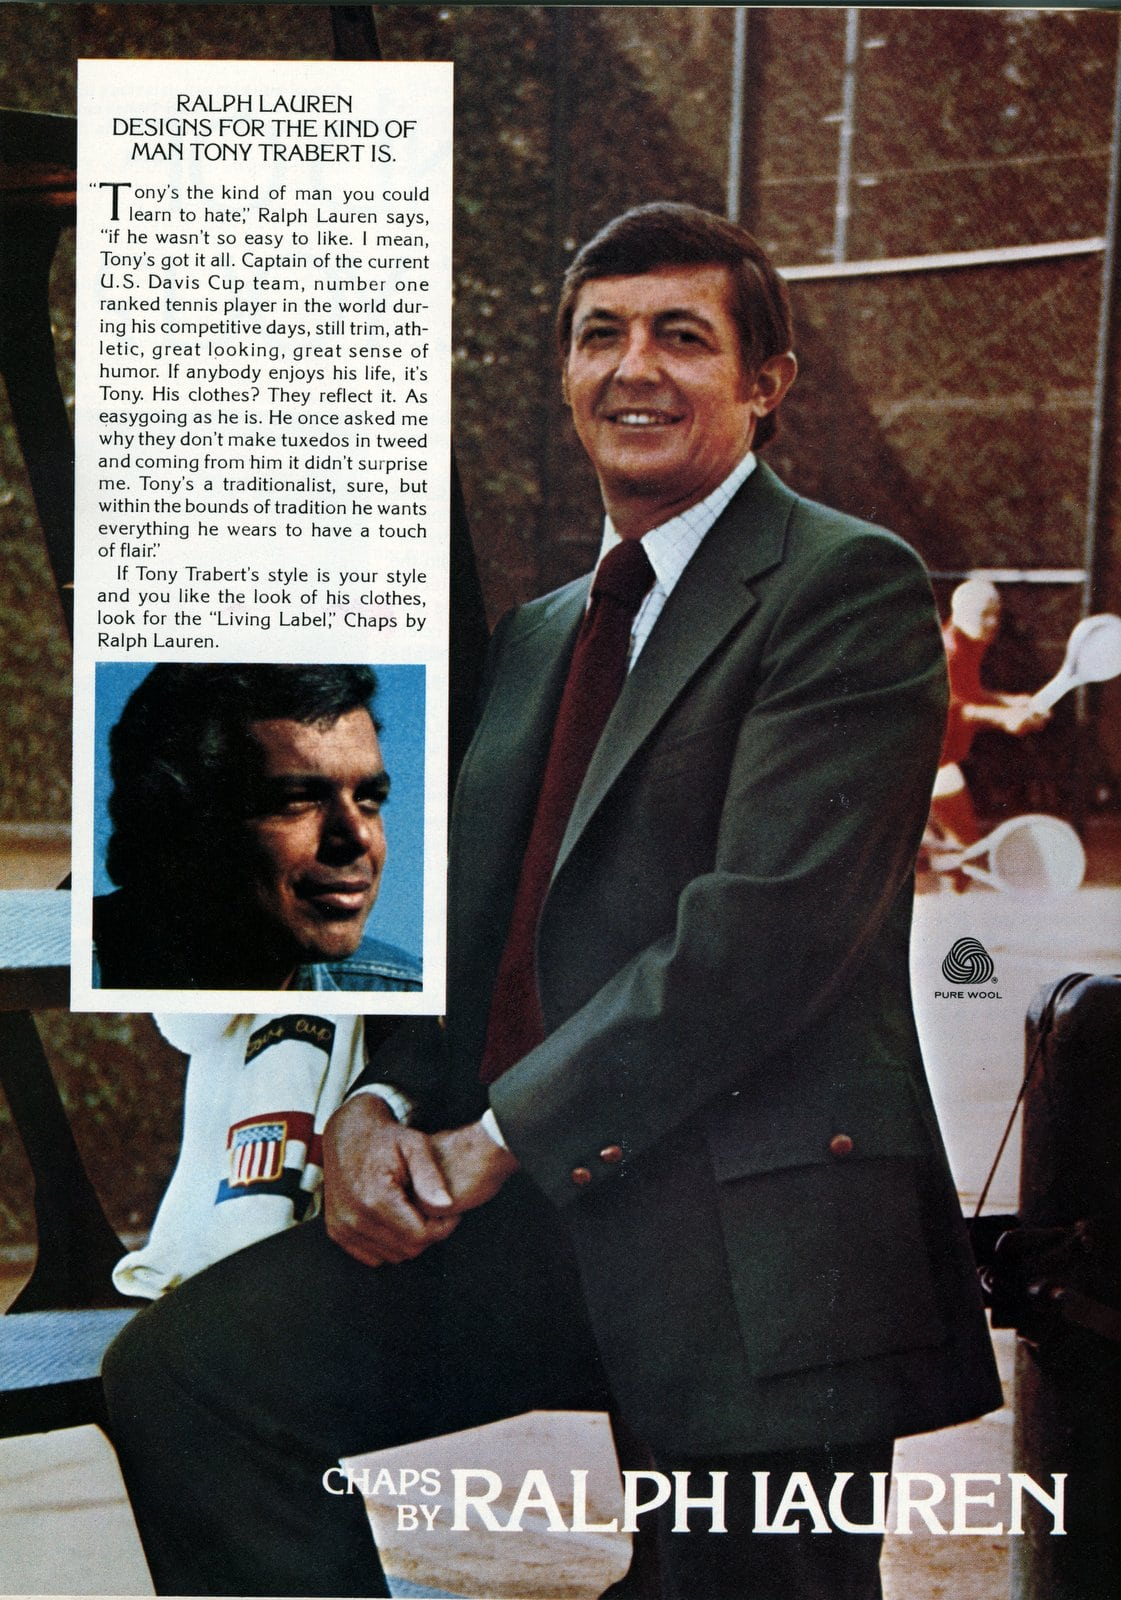 Ralph Lauren - Tony Trabert - Designer suits for men from 1976